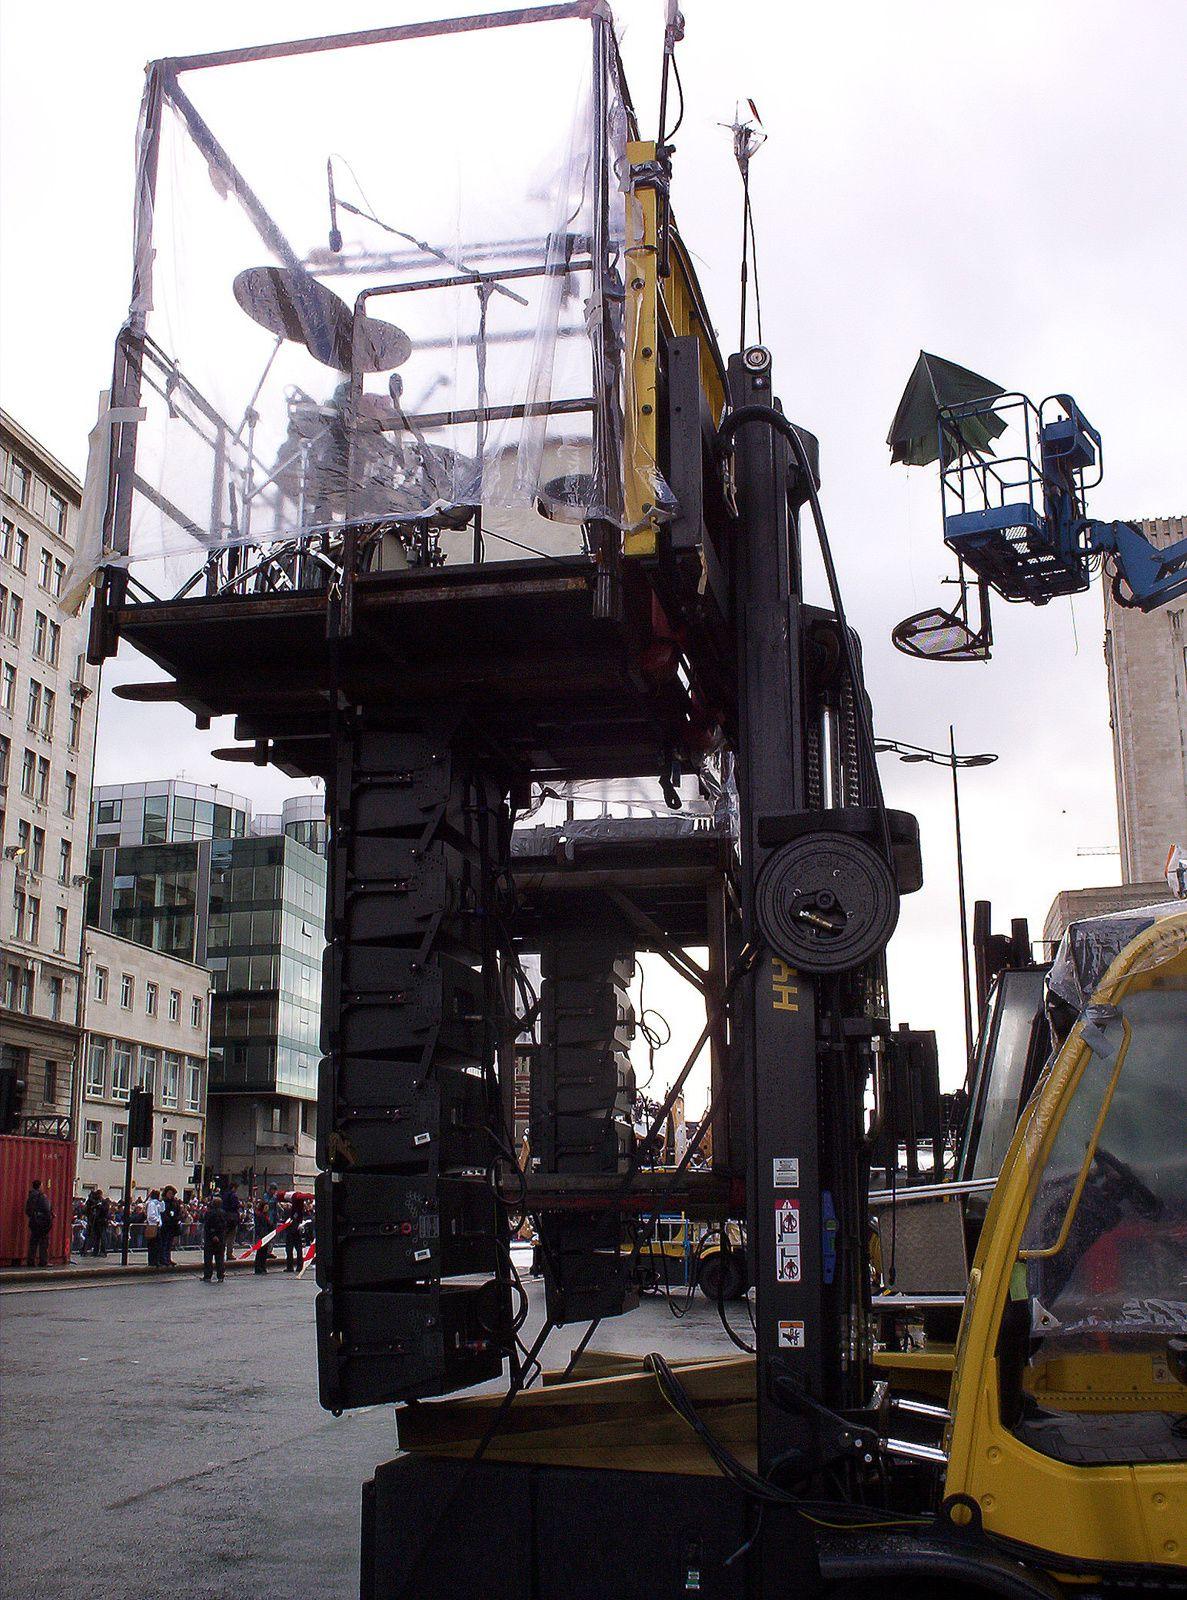 LA MACHINE. Une araignée a Liverpool  Septembre 2008.